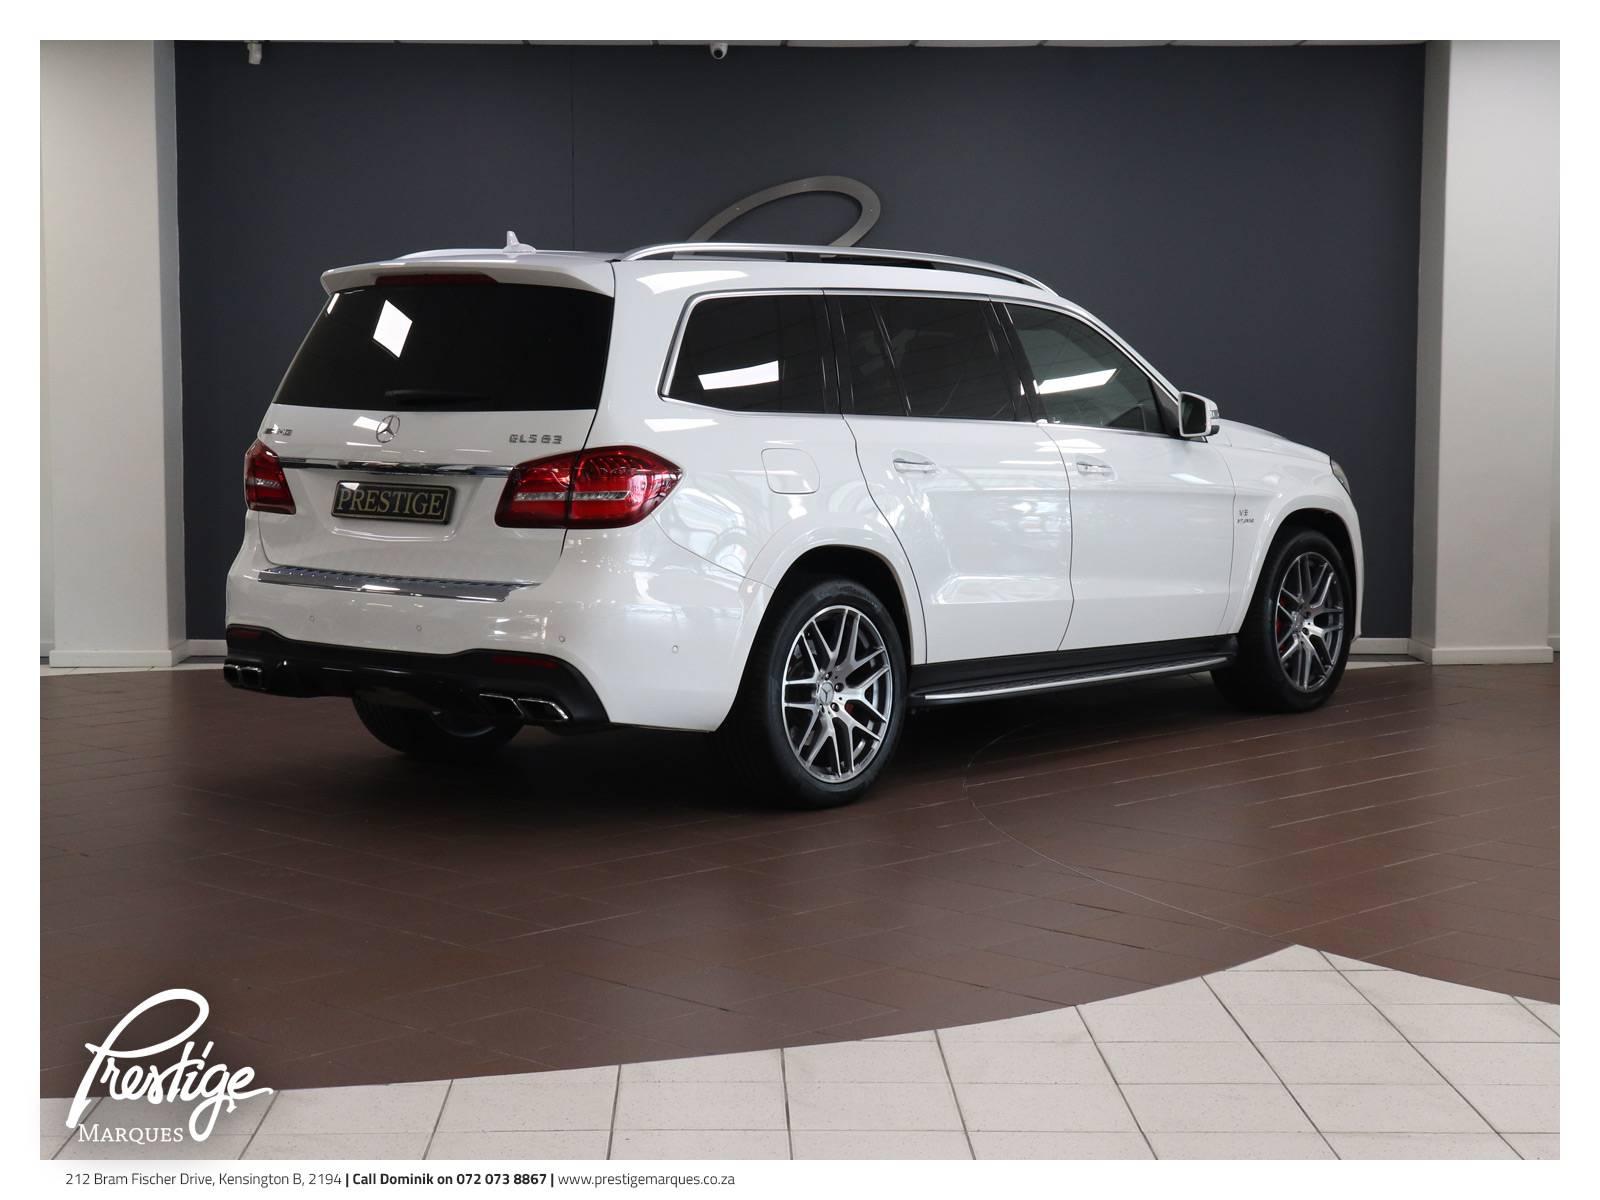 2016-Mercedes-Benz-GLS-63-AMG-Prestige-Marques-4